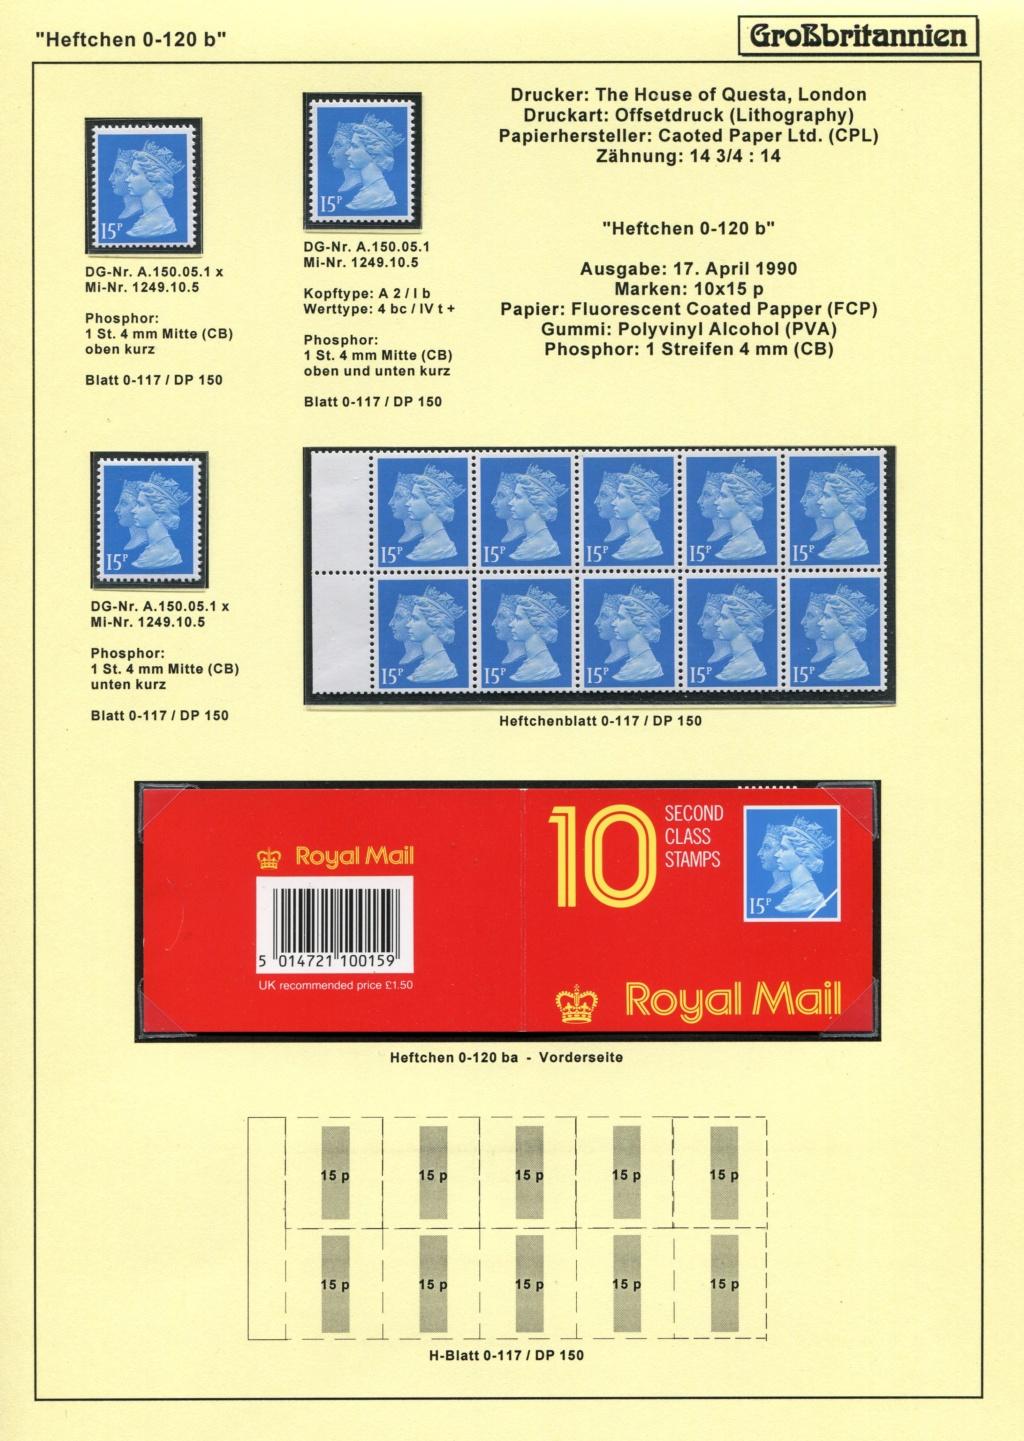 Großbritannien - 150 Jahre Briefmarken Black_51